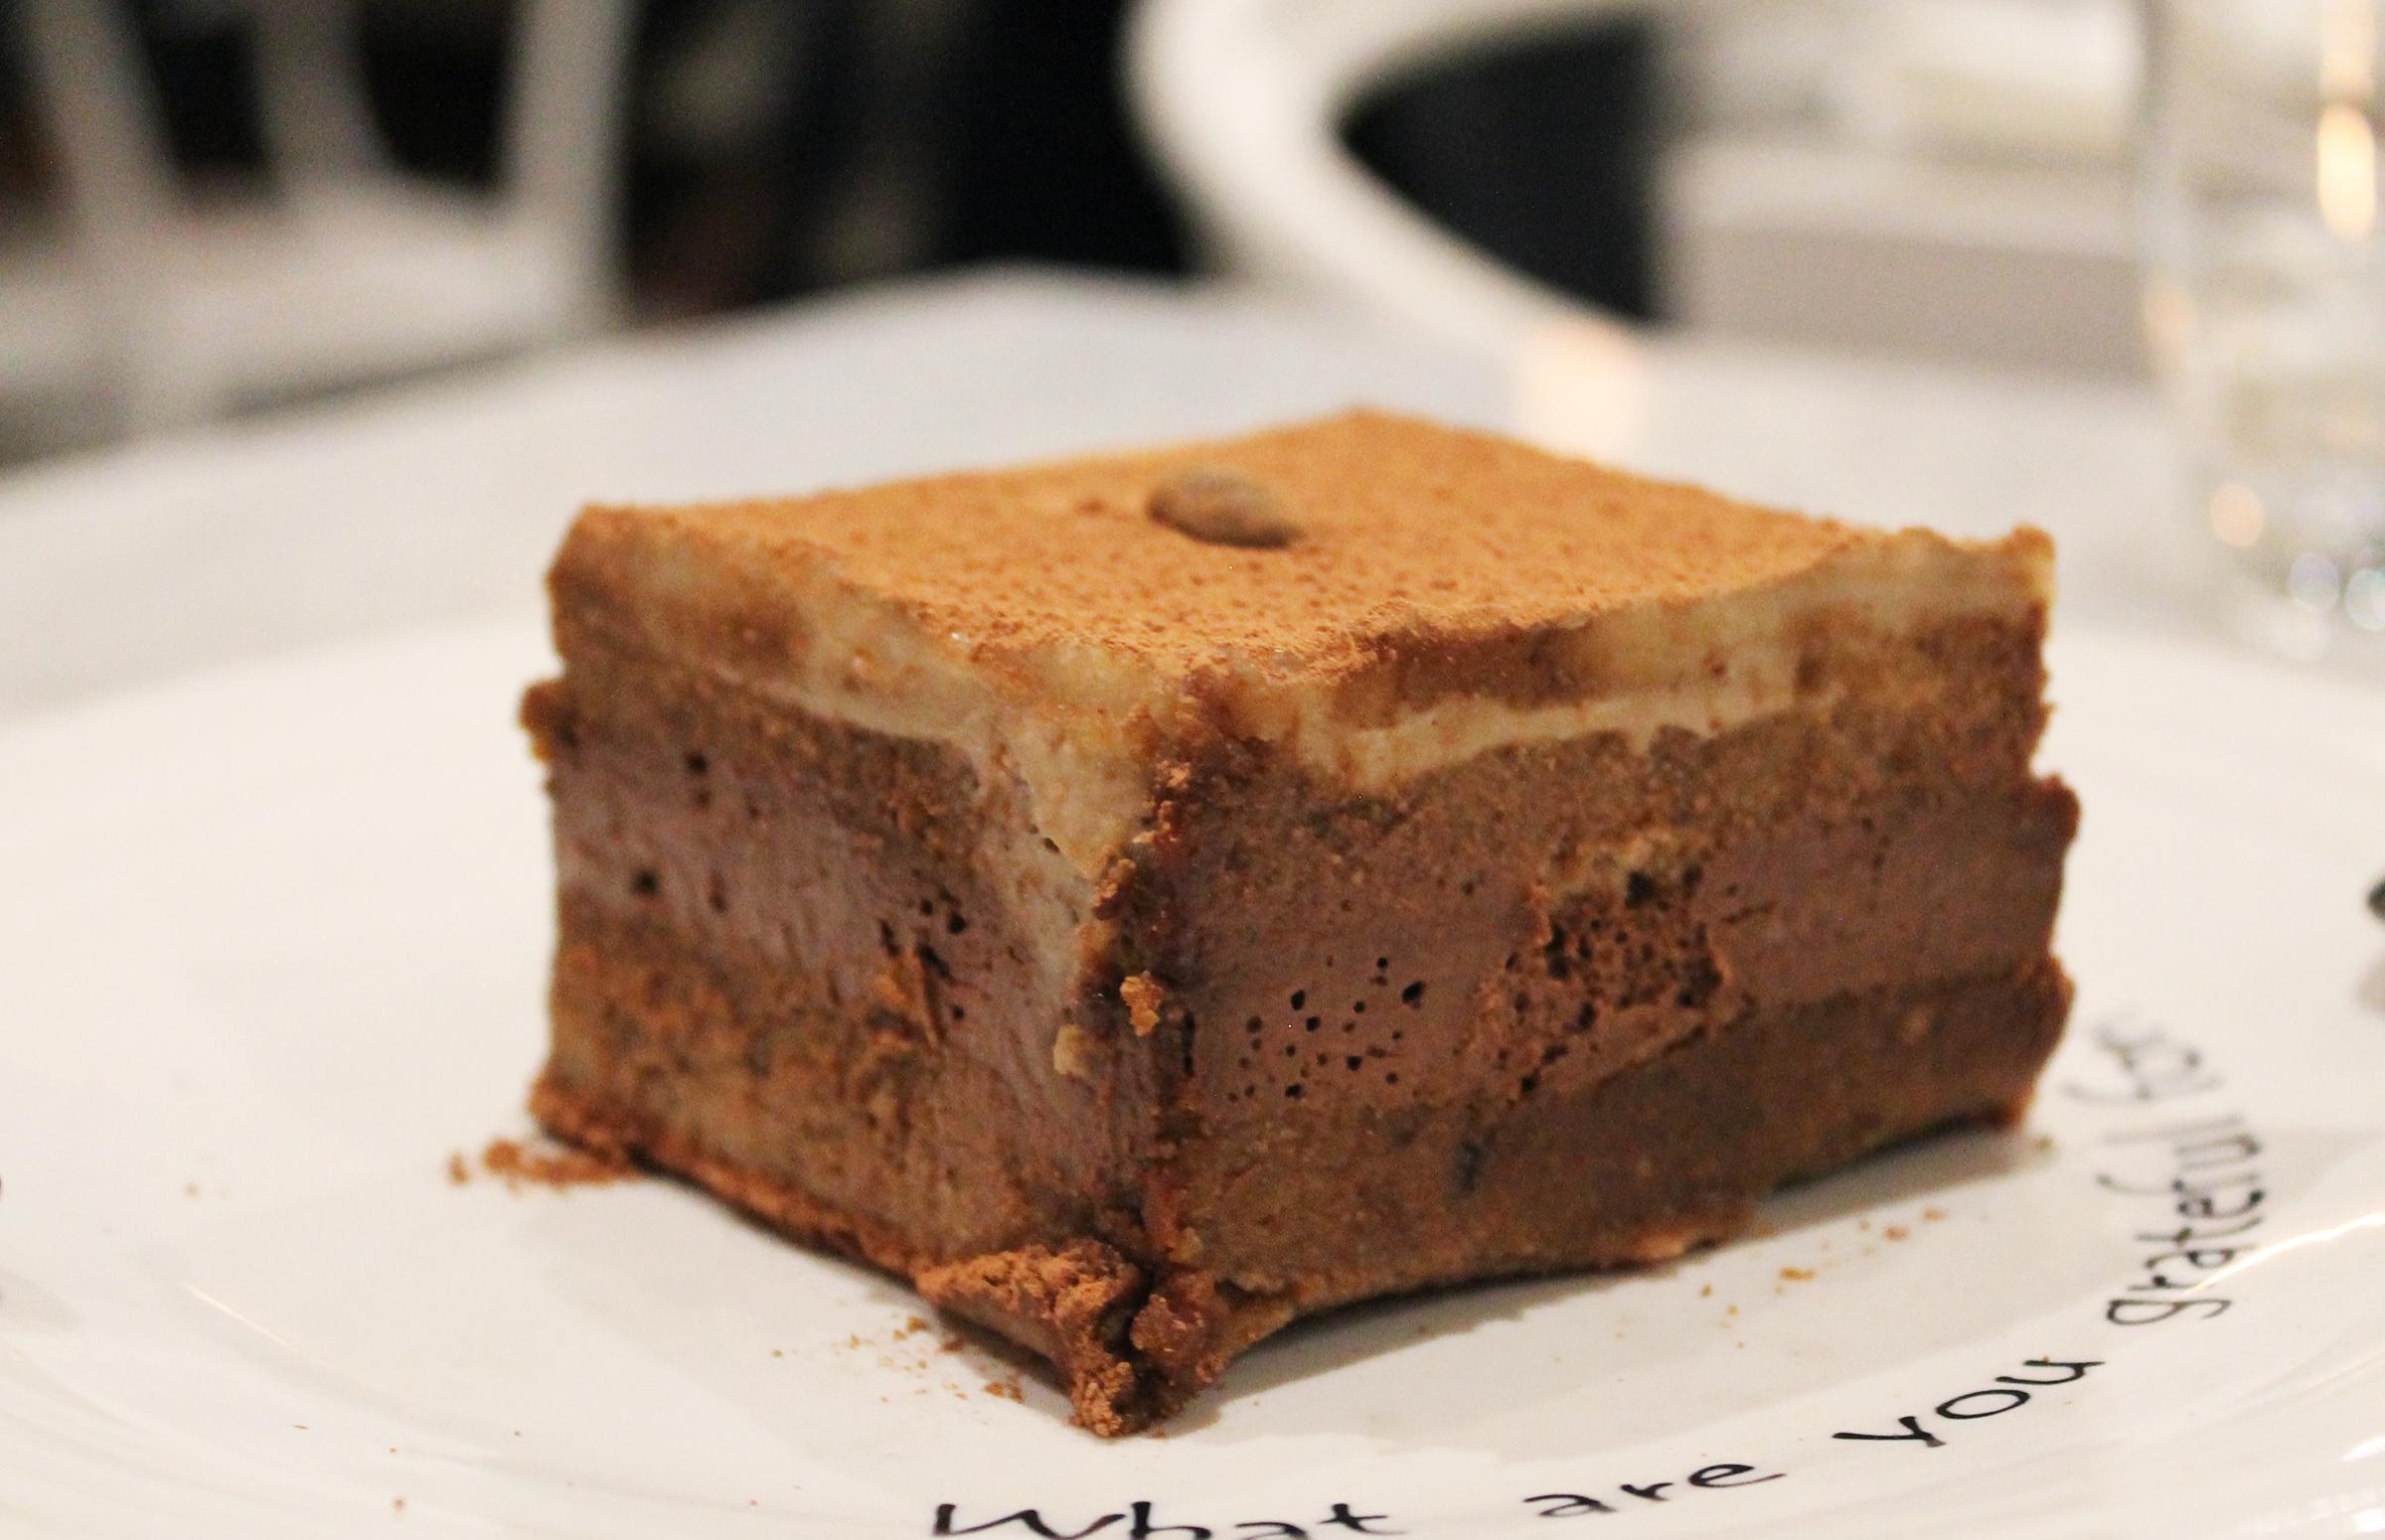 ADORING / SIGNATURE TIRAMISU /raw almond biscuit, coconut cashew cream, espresso, raw cacao